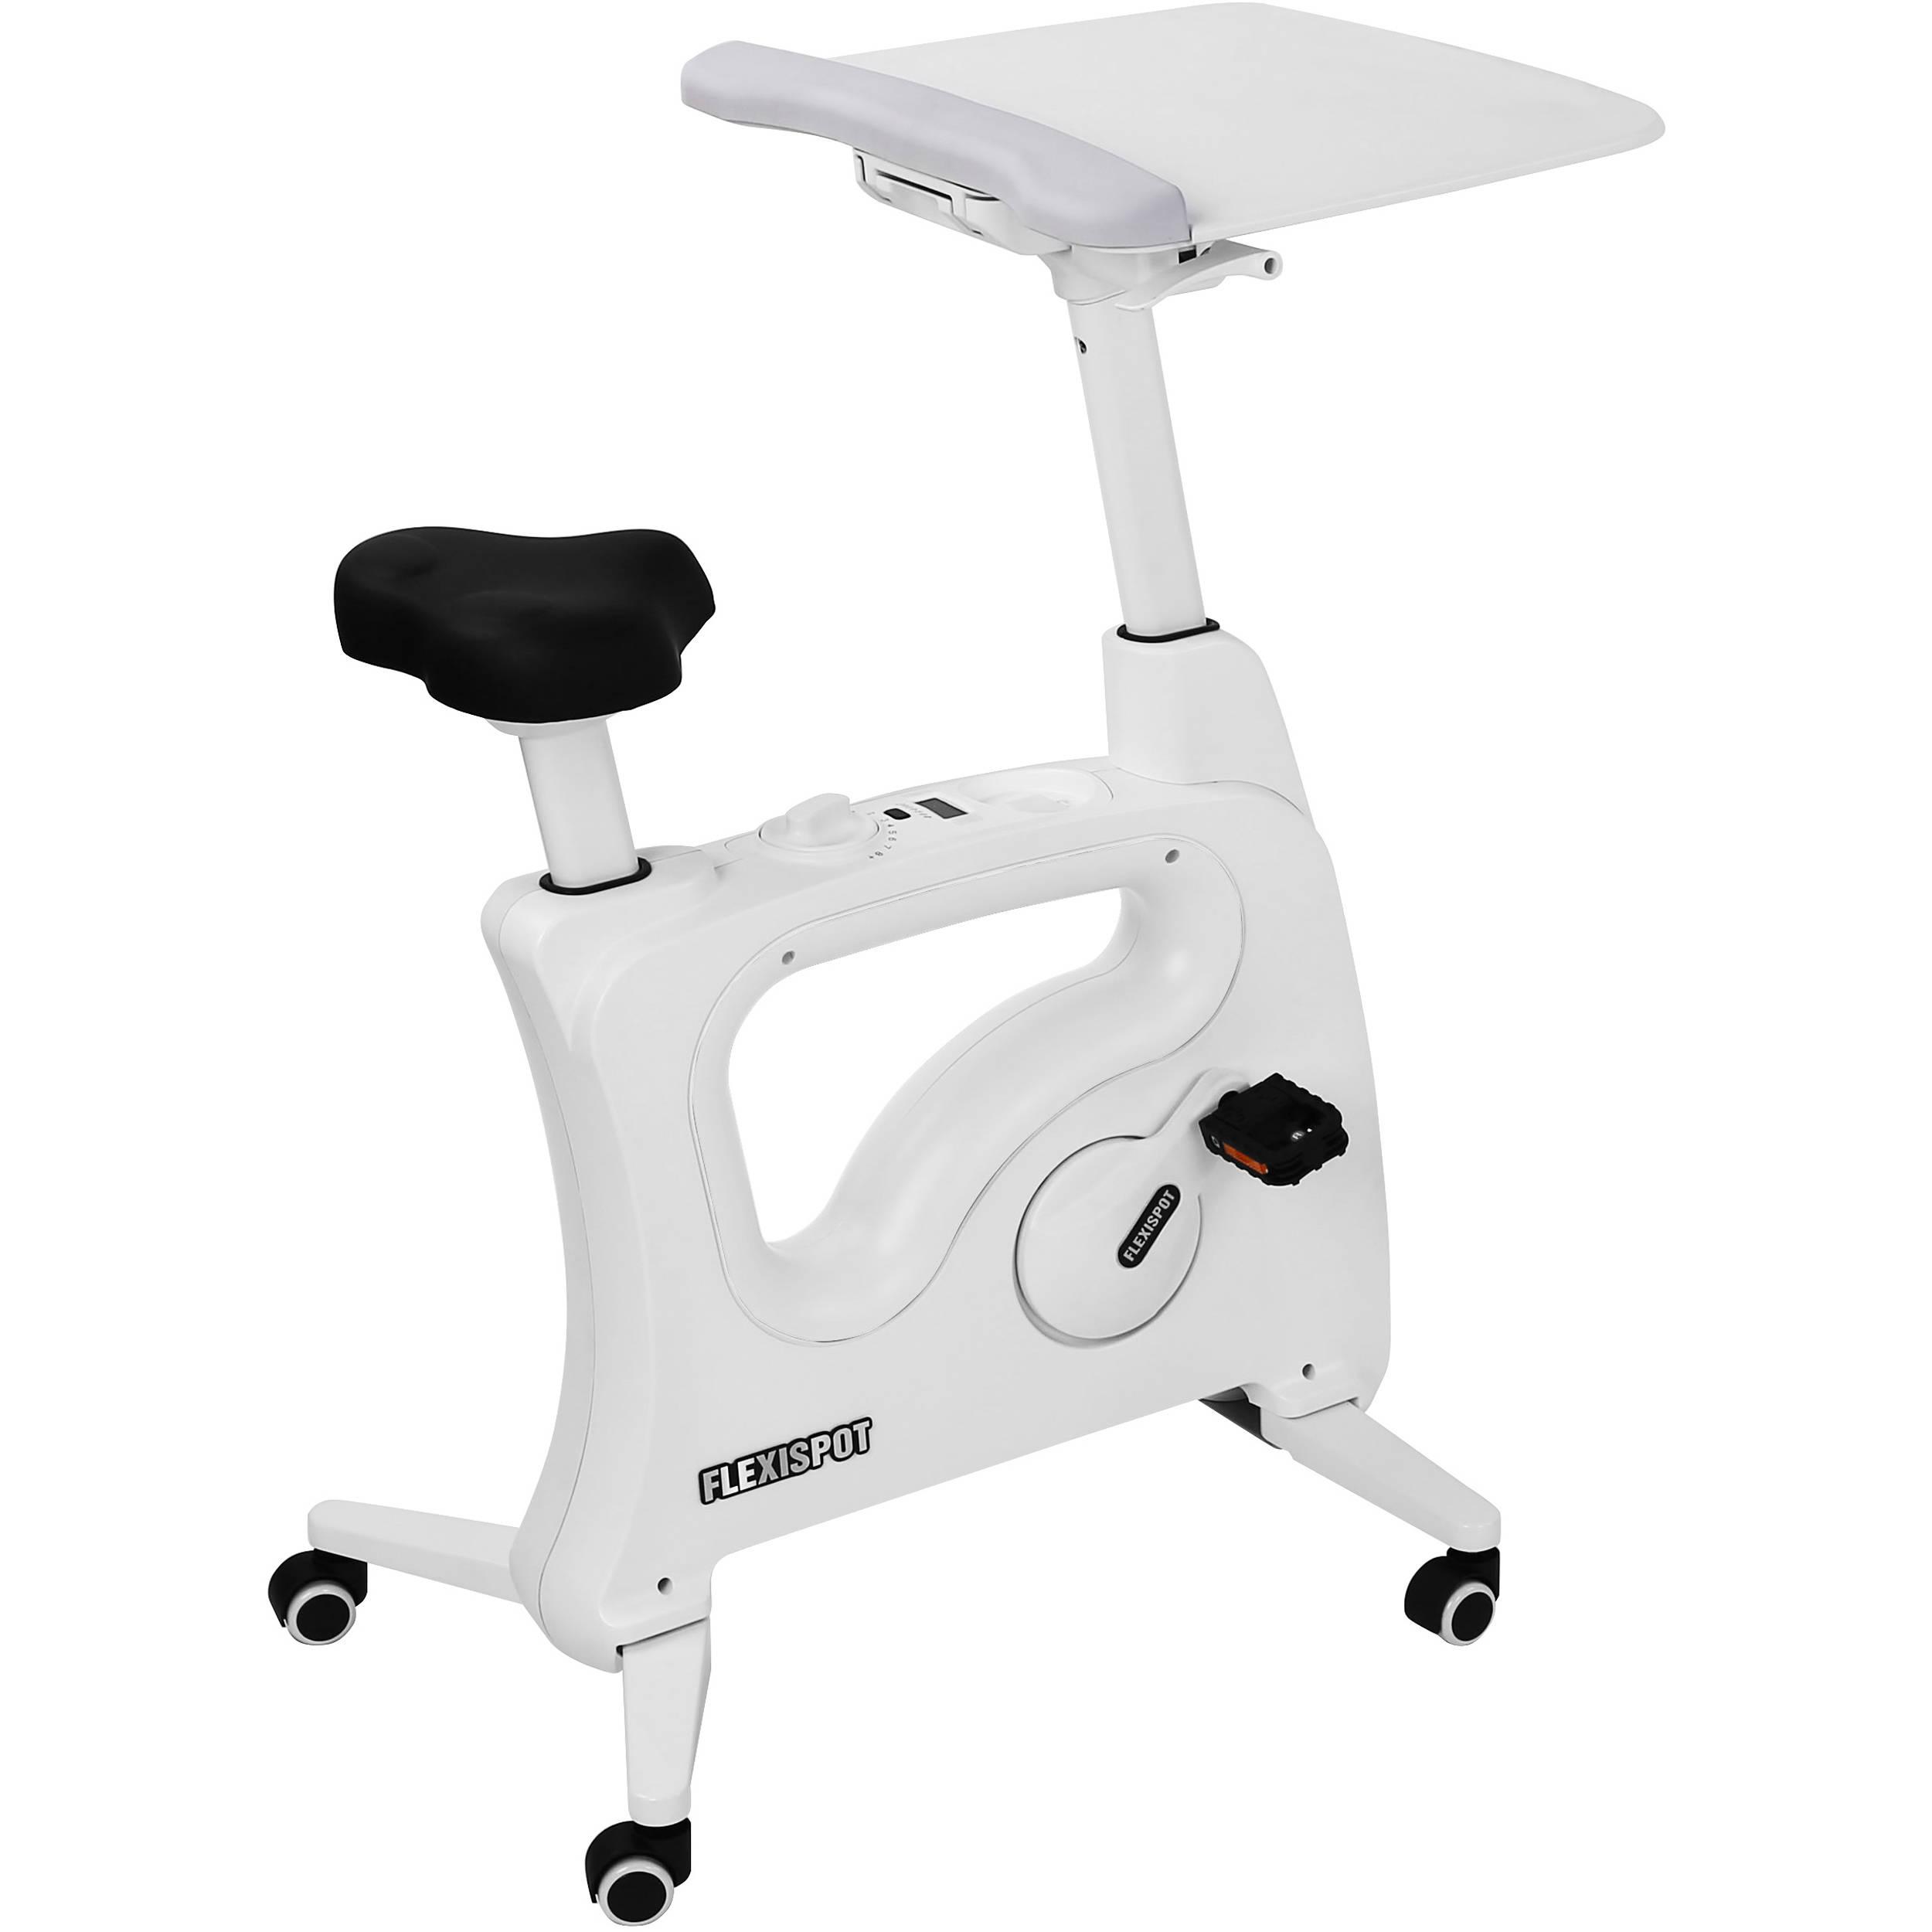 loctek flexispot v9 desk exercise bike white v9 b h photo  loctek flexispot v9 desk exercise bike white